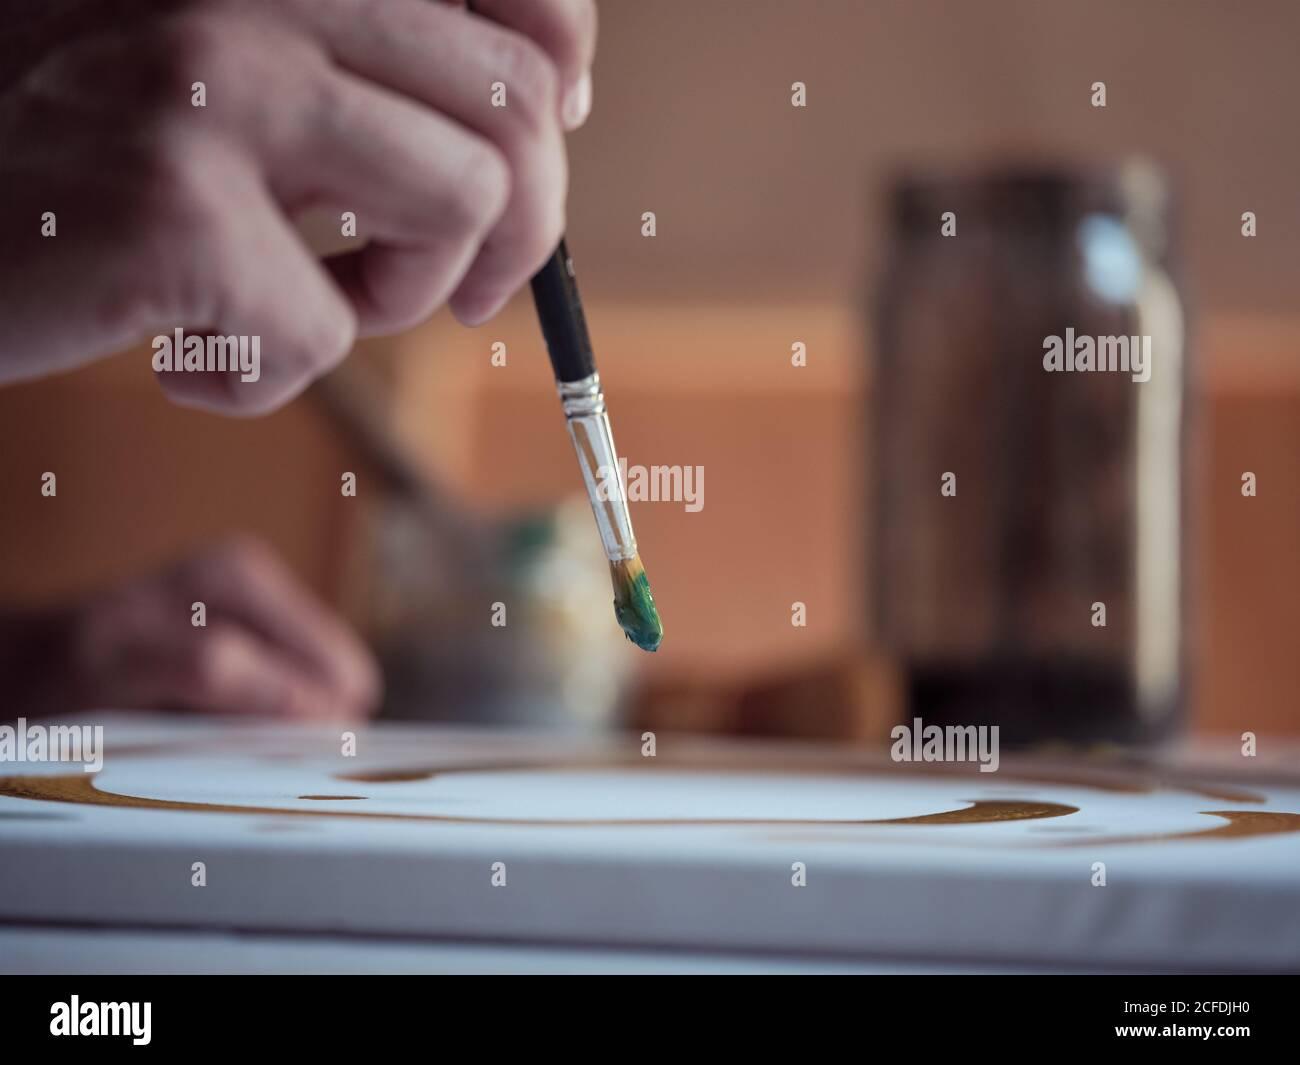 Mano de primer plano de artista anónimo utilizando pintura de pincel y verde para dibujar sobre lienzo en estudio Foto de stock